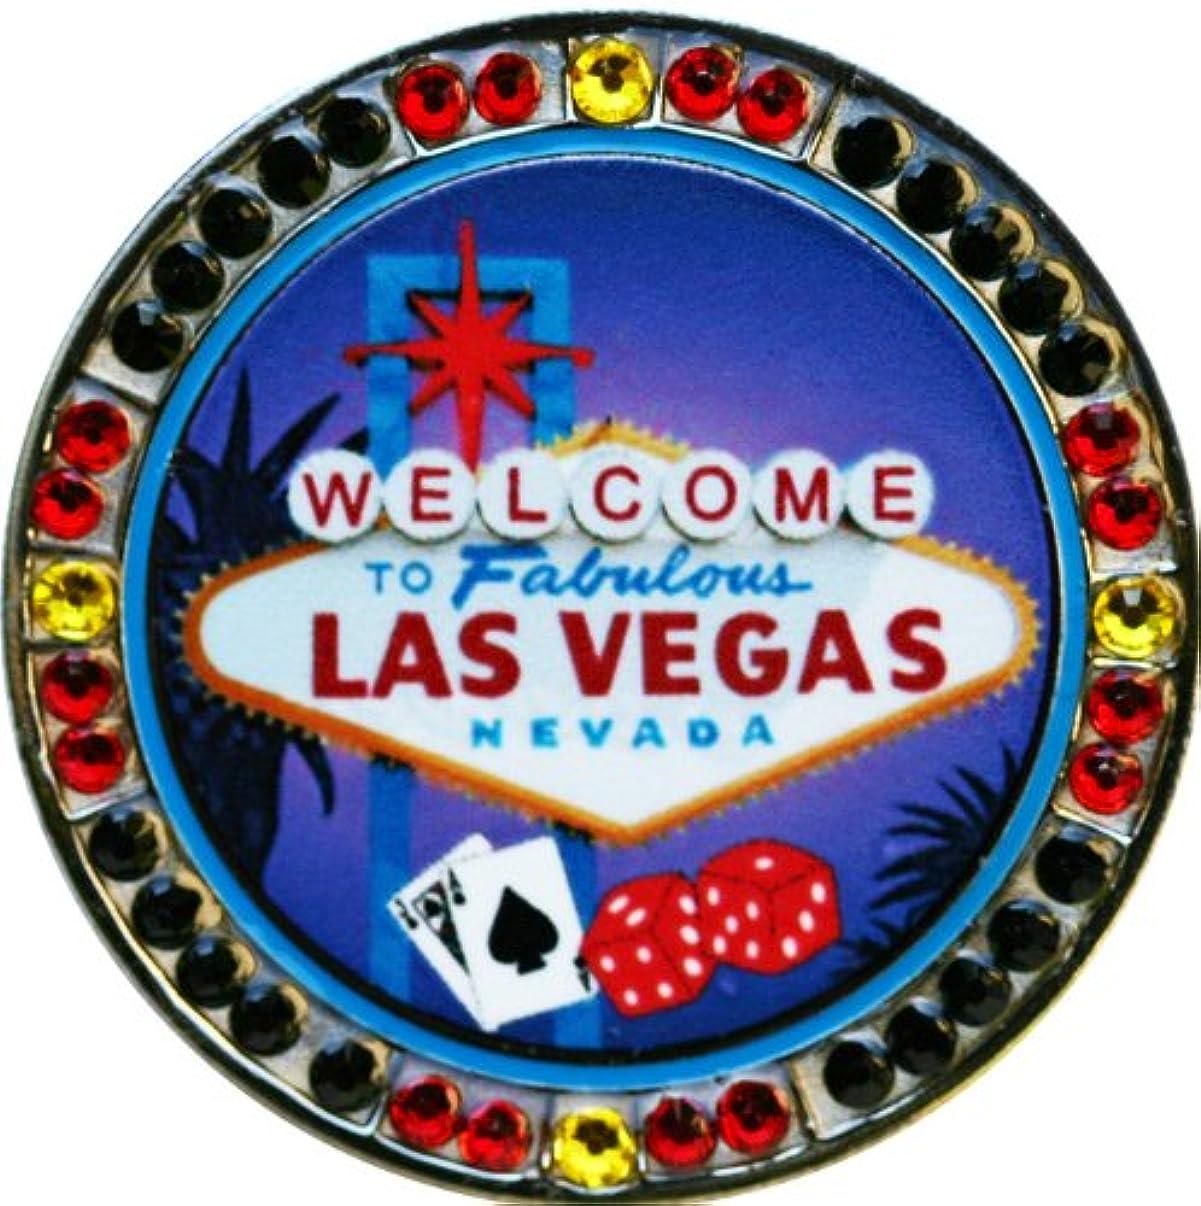 フェザー既婚もつれスワロフスキーWelcome to Las Vegas Lucky Diceゴルフボールマーカーwith Matching Welcome to Las Vegas帽子クリップ